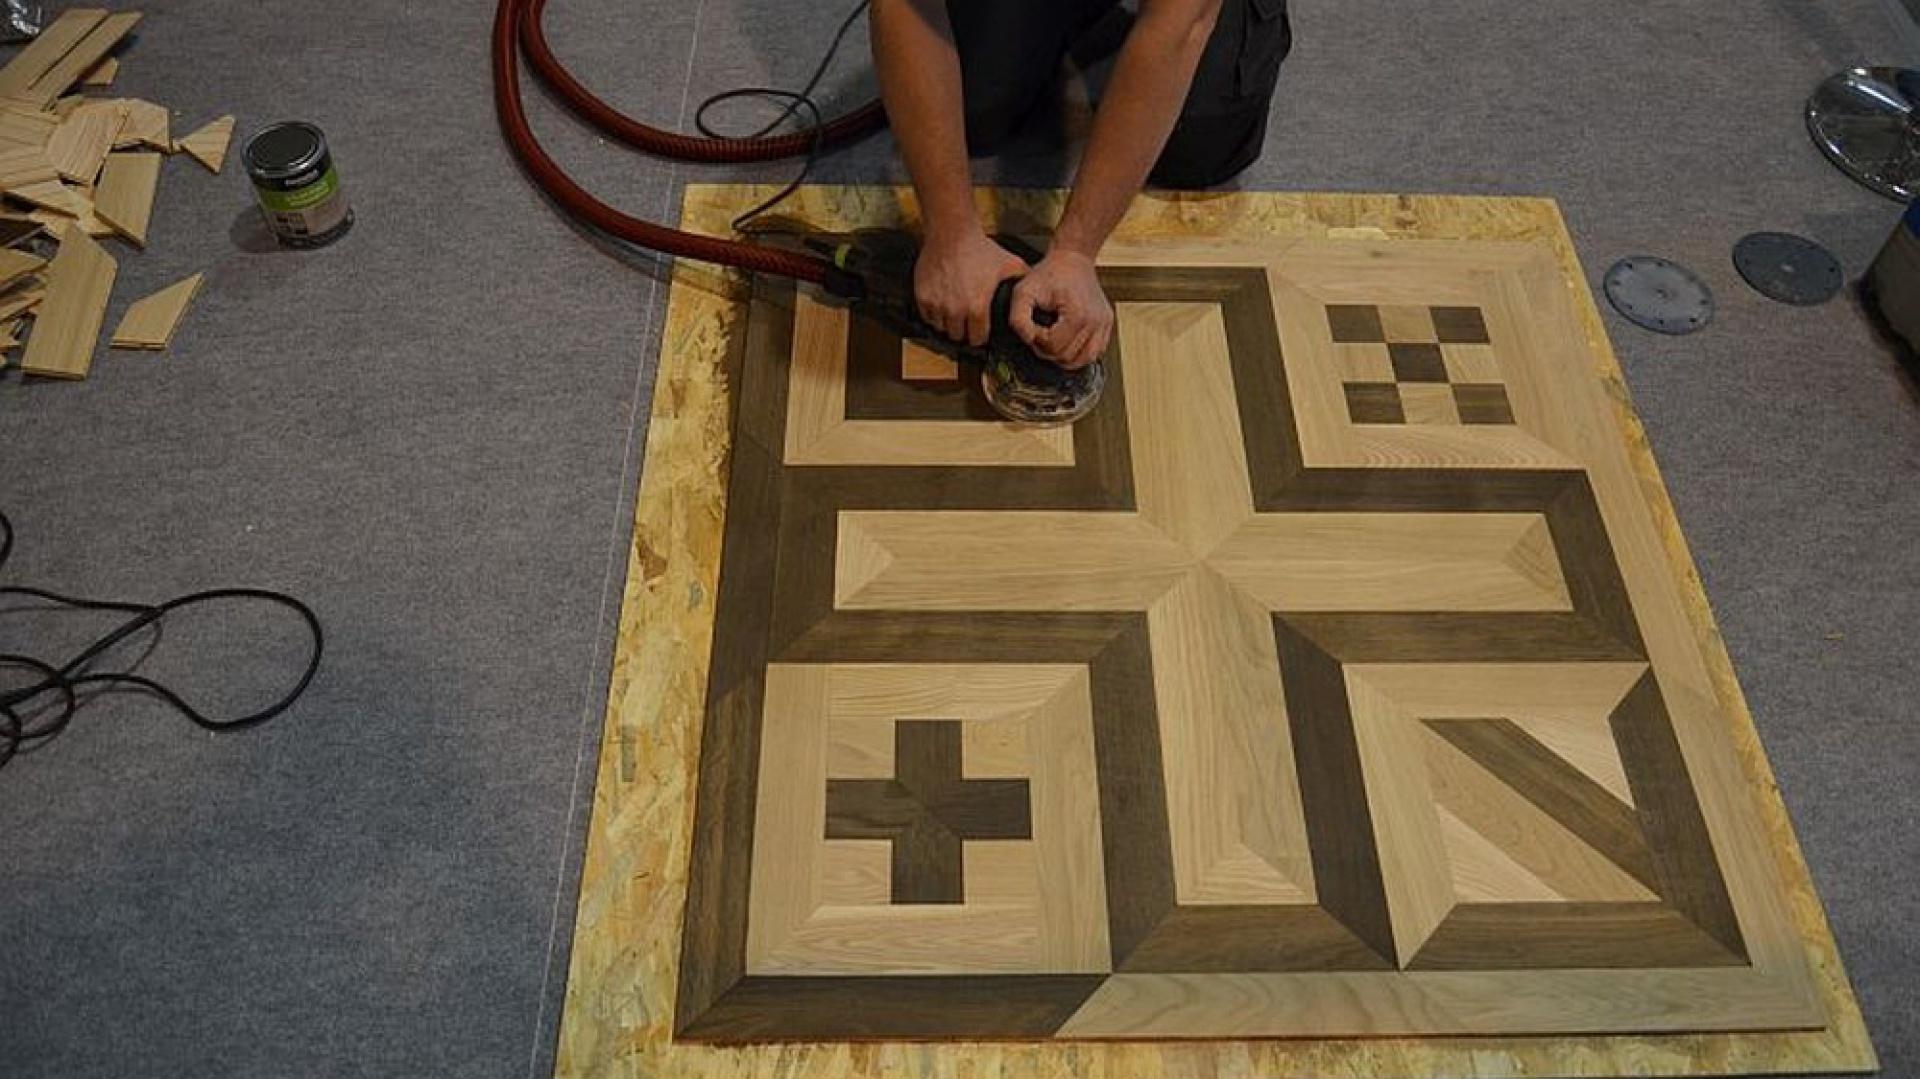 Estetyka ułożonej podłogi, dopracowane detale, idealne wykończenie - to nie kwestia przypadku, a fachowości wykonawcy. Fot. Materiały prasowe